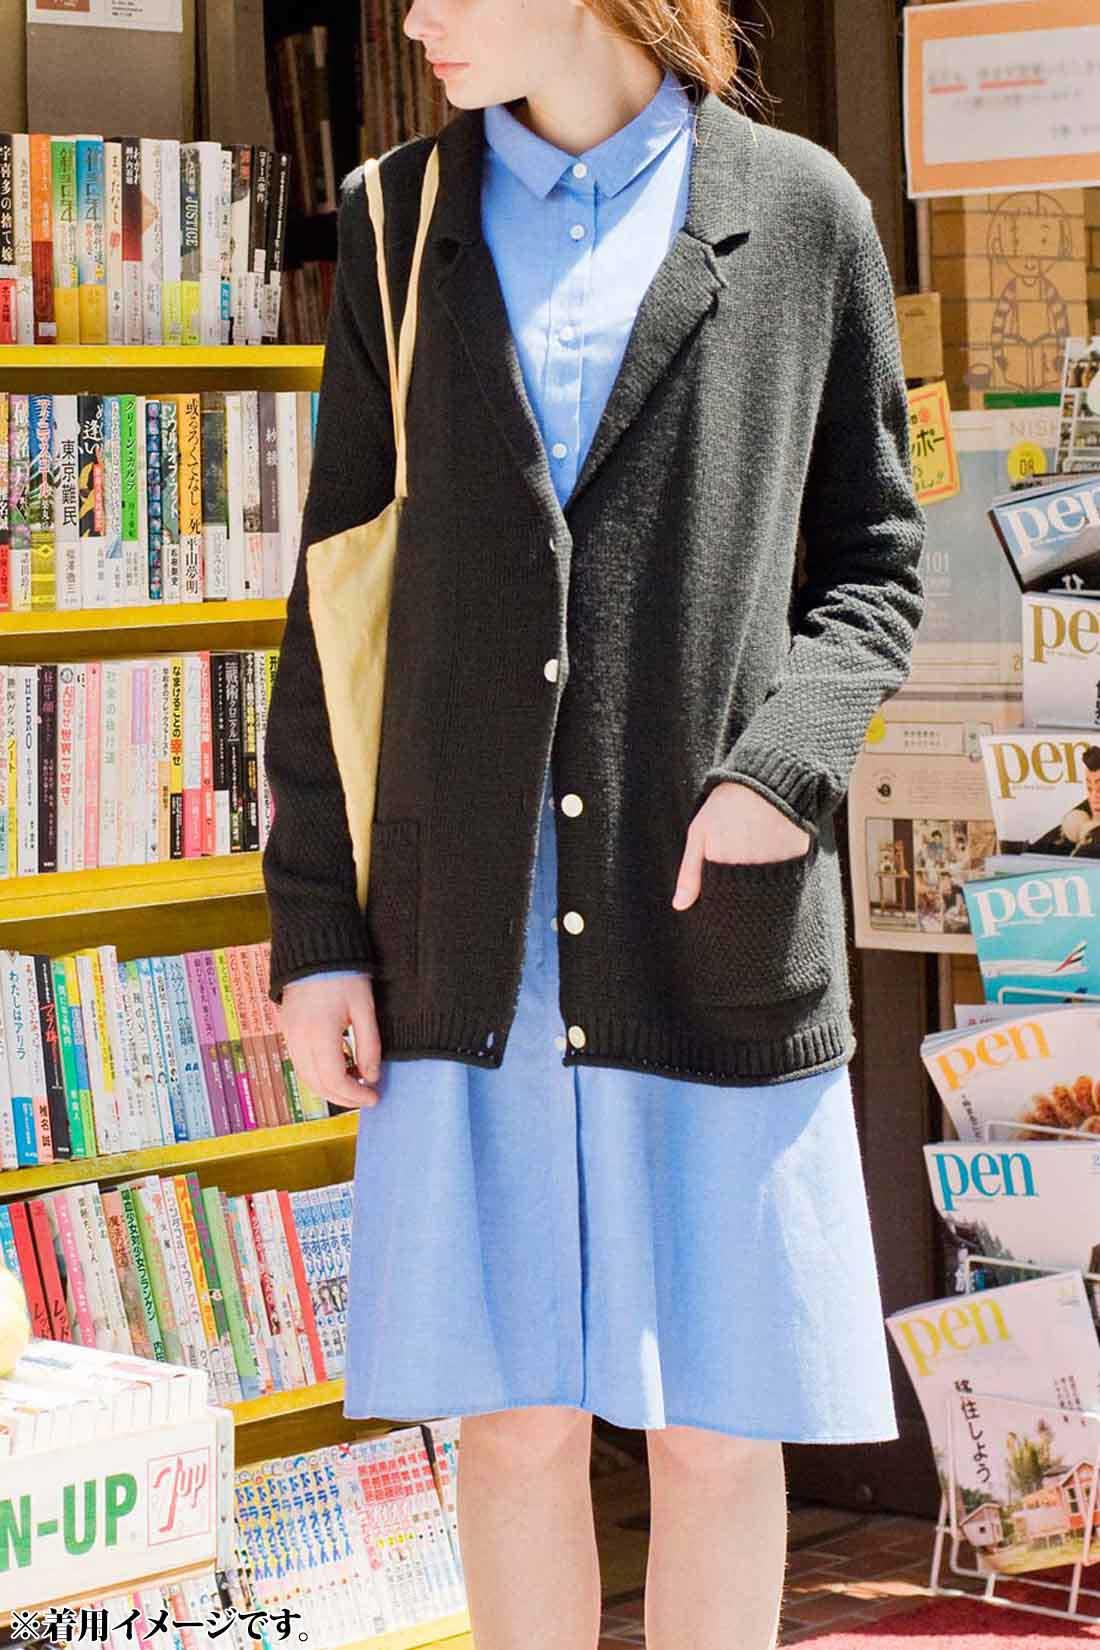 【きちんとして見えるでしょ。】ジャケットより堅苦しくなく、カーディガンよりきちんと見える。衿があるだけでずいぶん印象が変わるね。